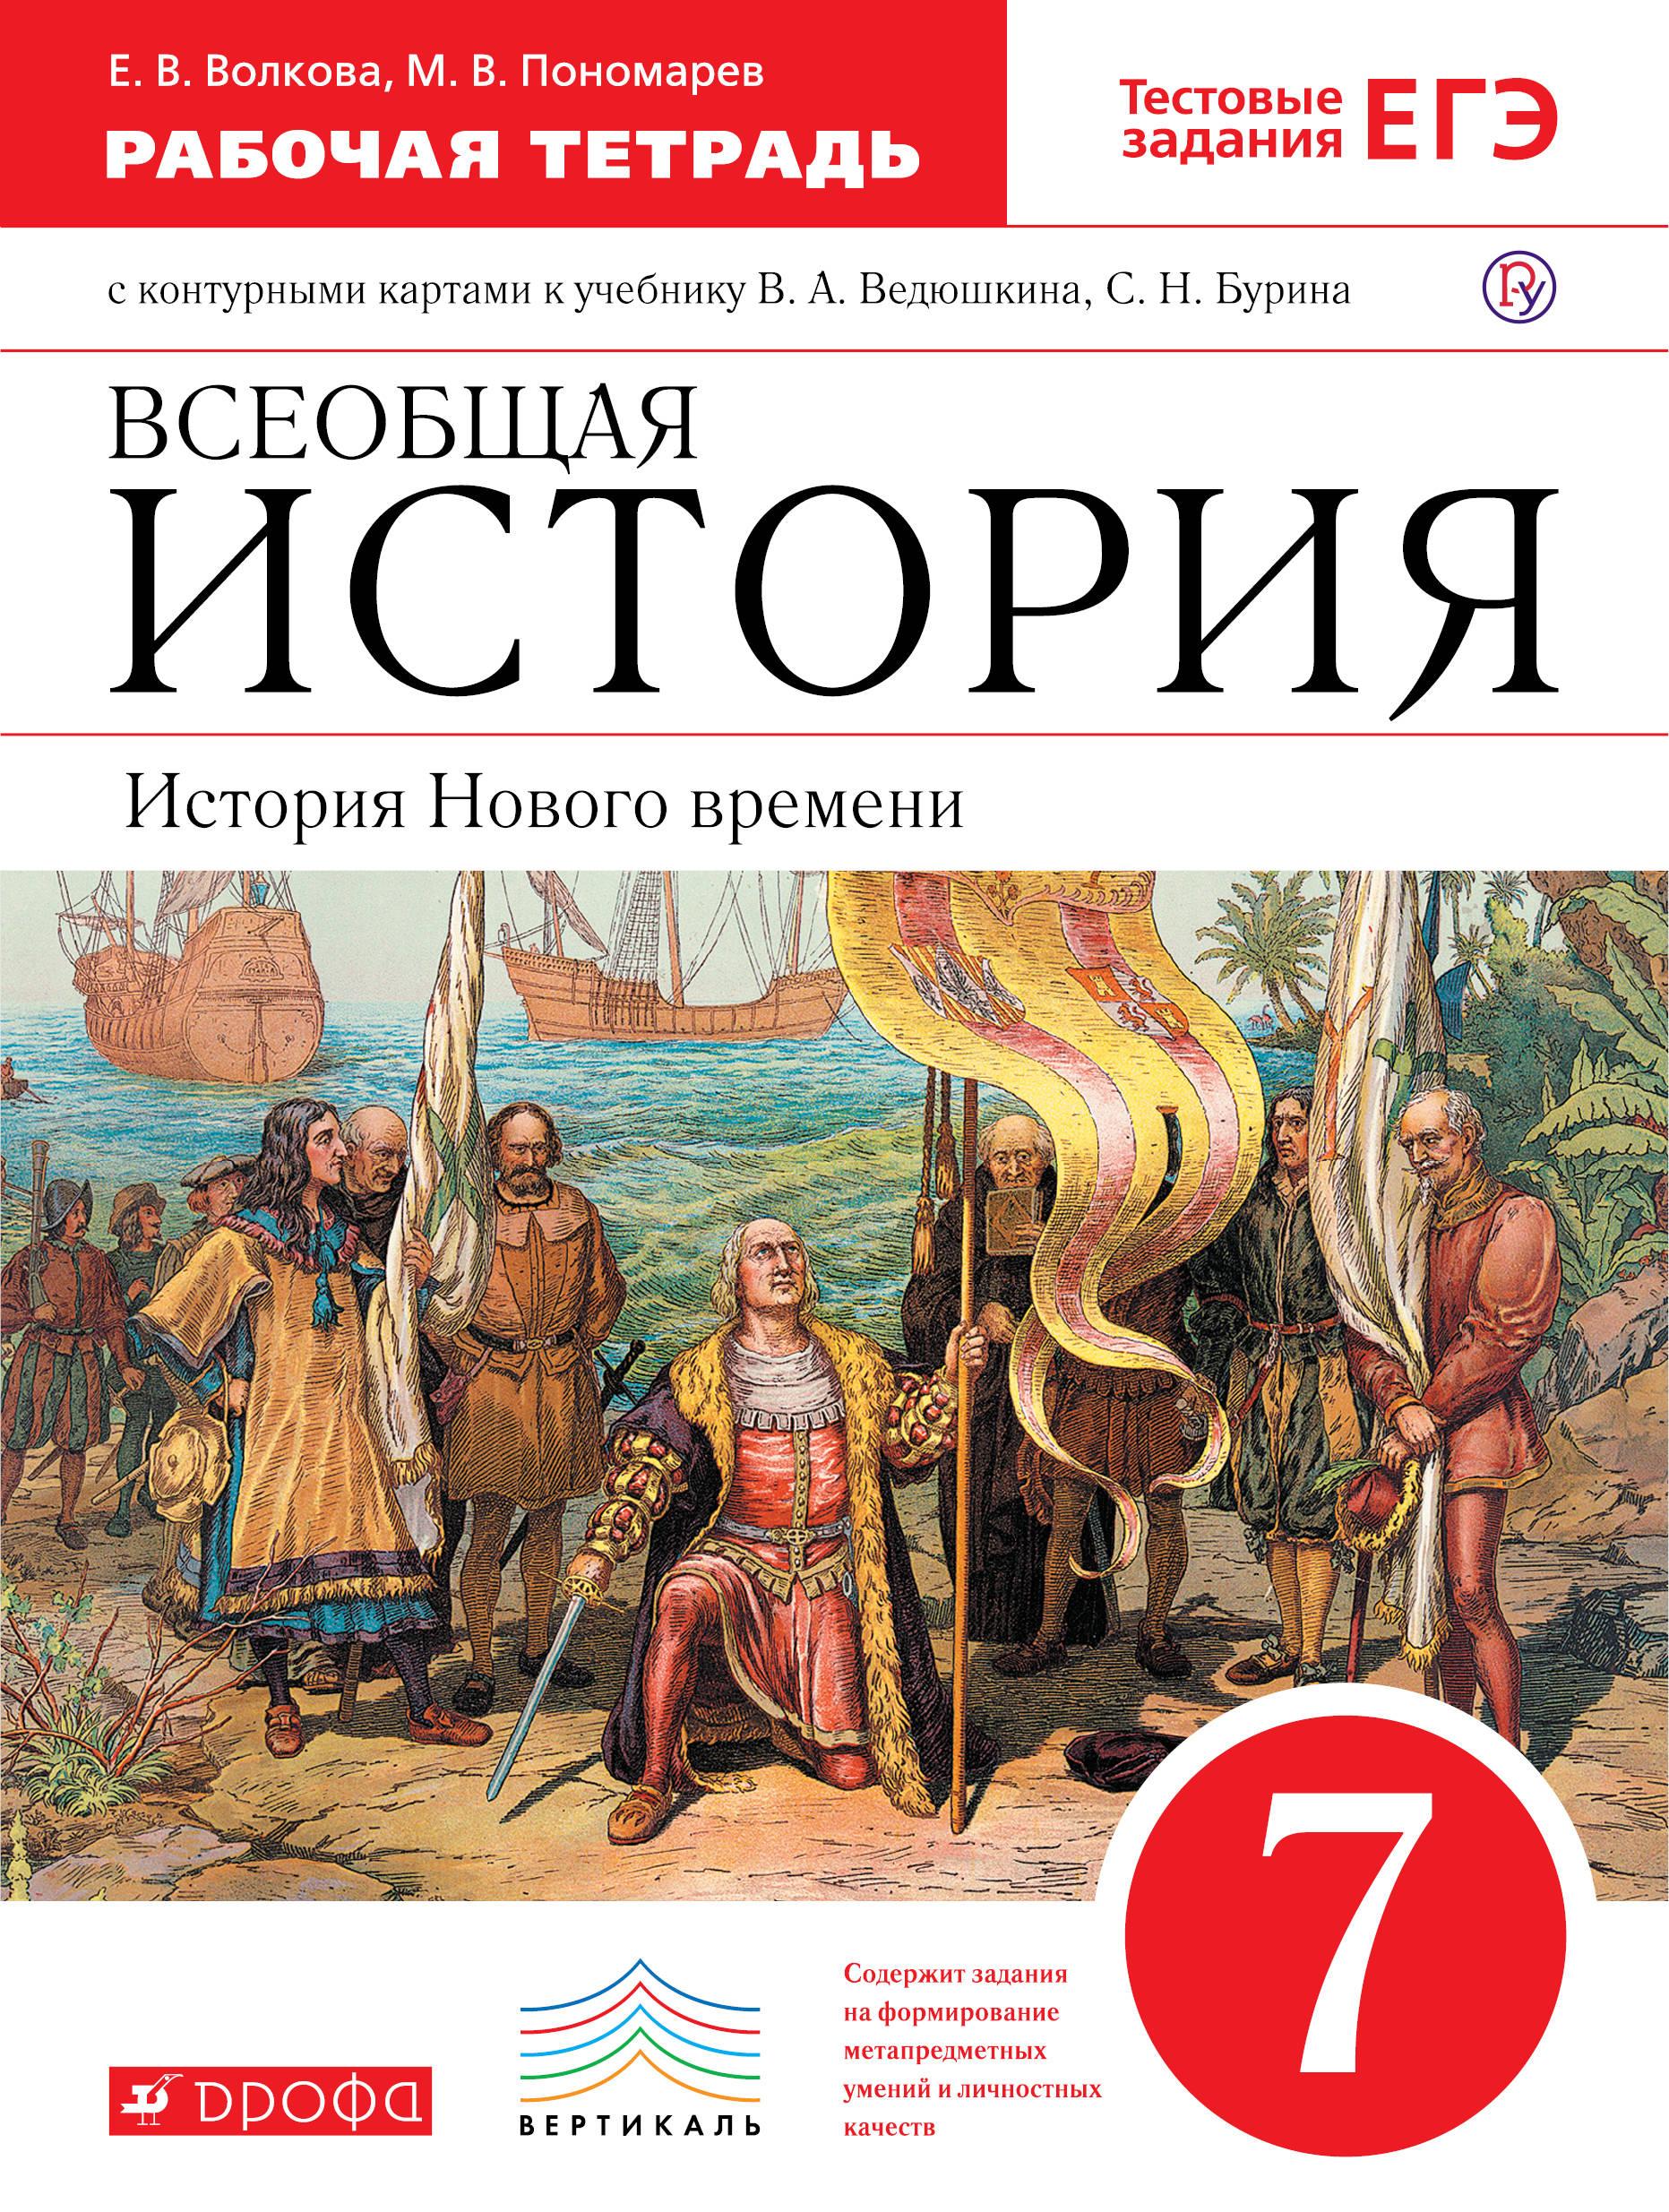 История Нового времени.7 класс. Рабочая тетрадь ( Волкова Е.В., Пономарев М.В.  )